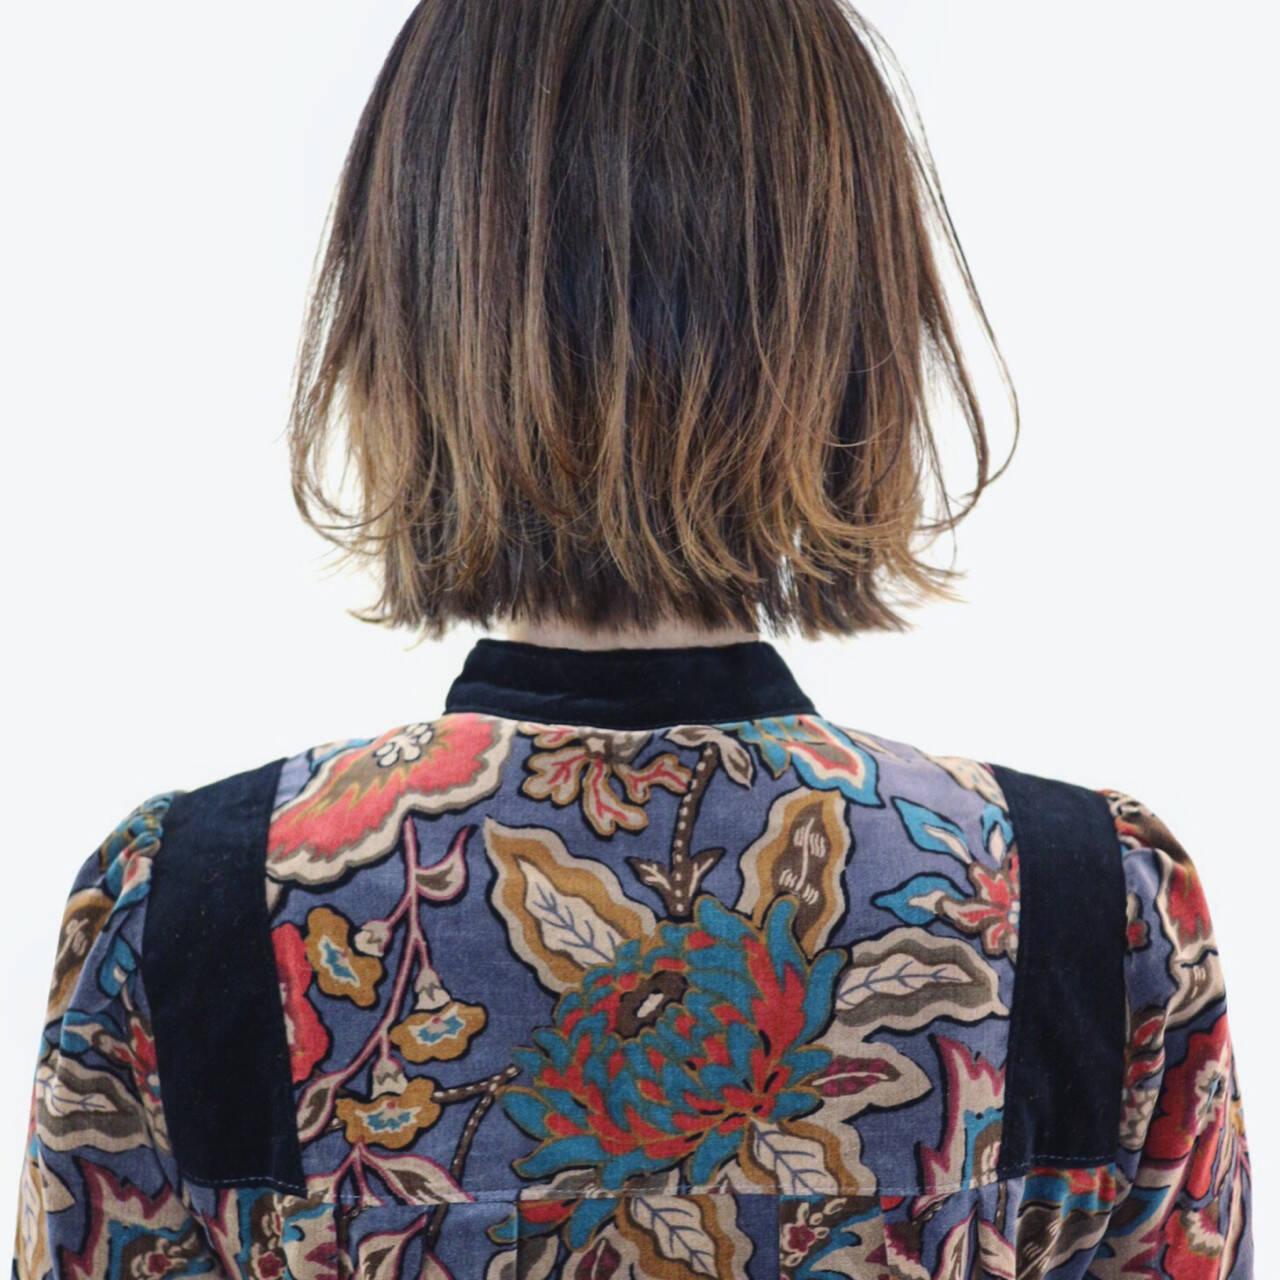 外ハネ バレイヤージュ インナーカラー グラデーションカラーヘアスタイルや髪型の写真・画像